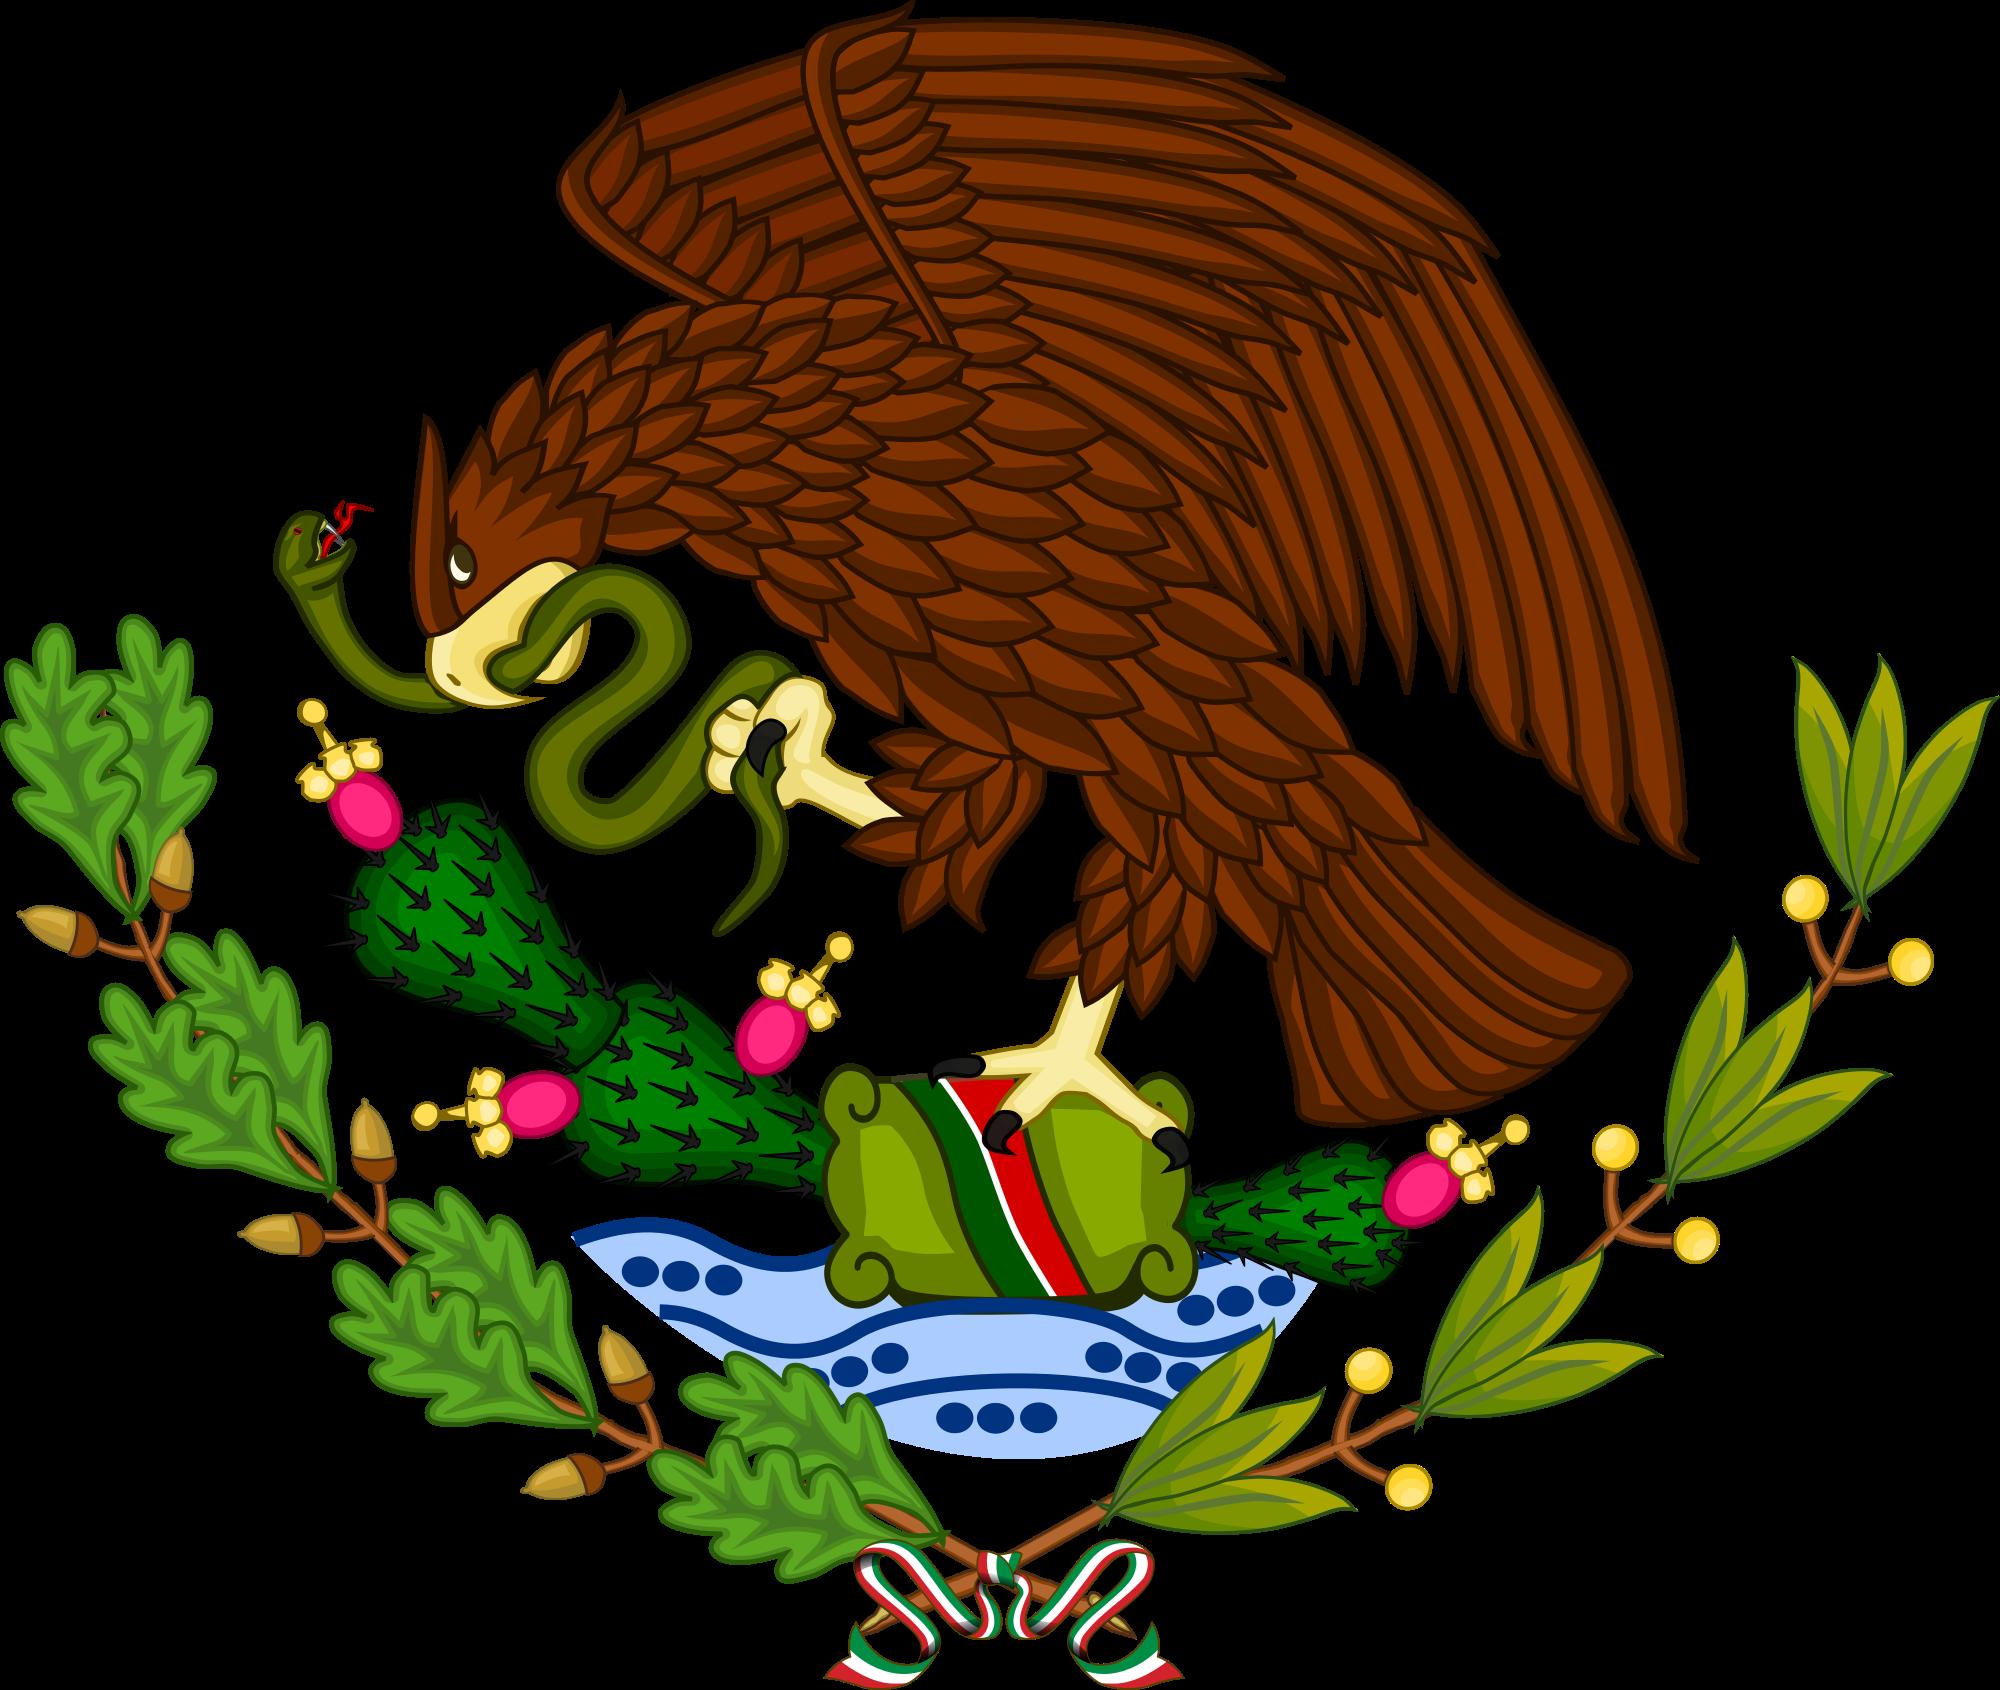 Mexico clipart plant adaptation, Mexico plant adaptation.